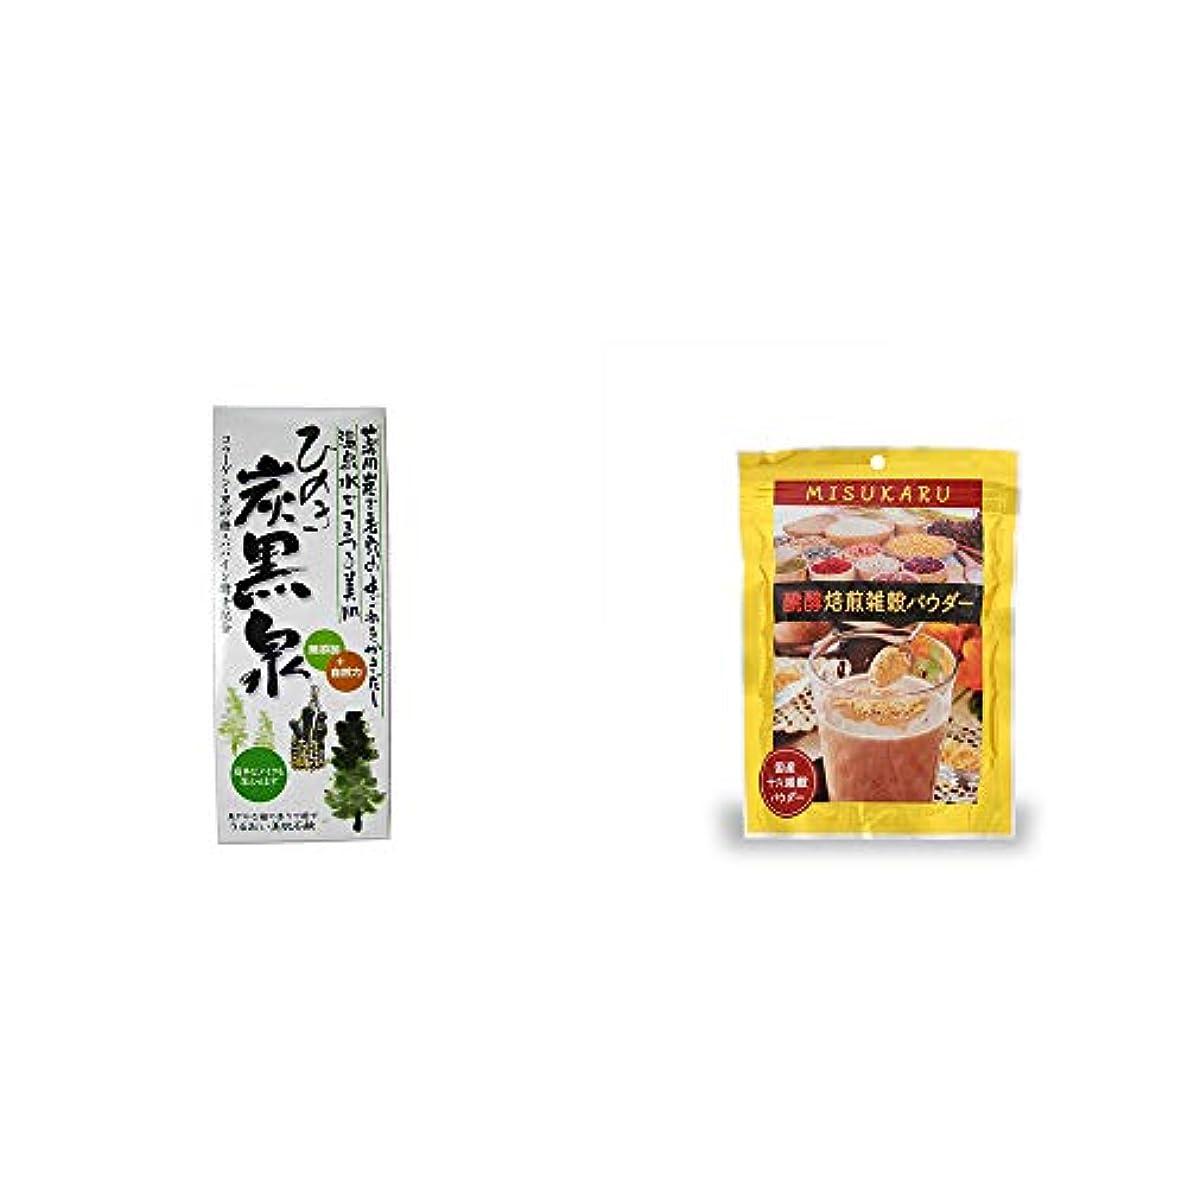 実り多いびん[2点セット] ひのき炭黒泉 箱入り(75g×3)?醗酵焙煎雑穀パウダー MISUKARU(ミスカル)(200g)